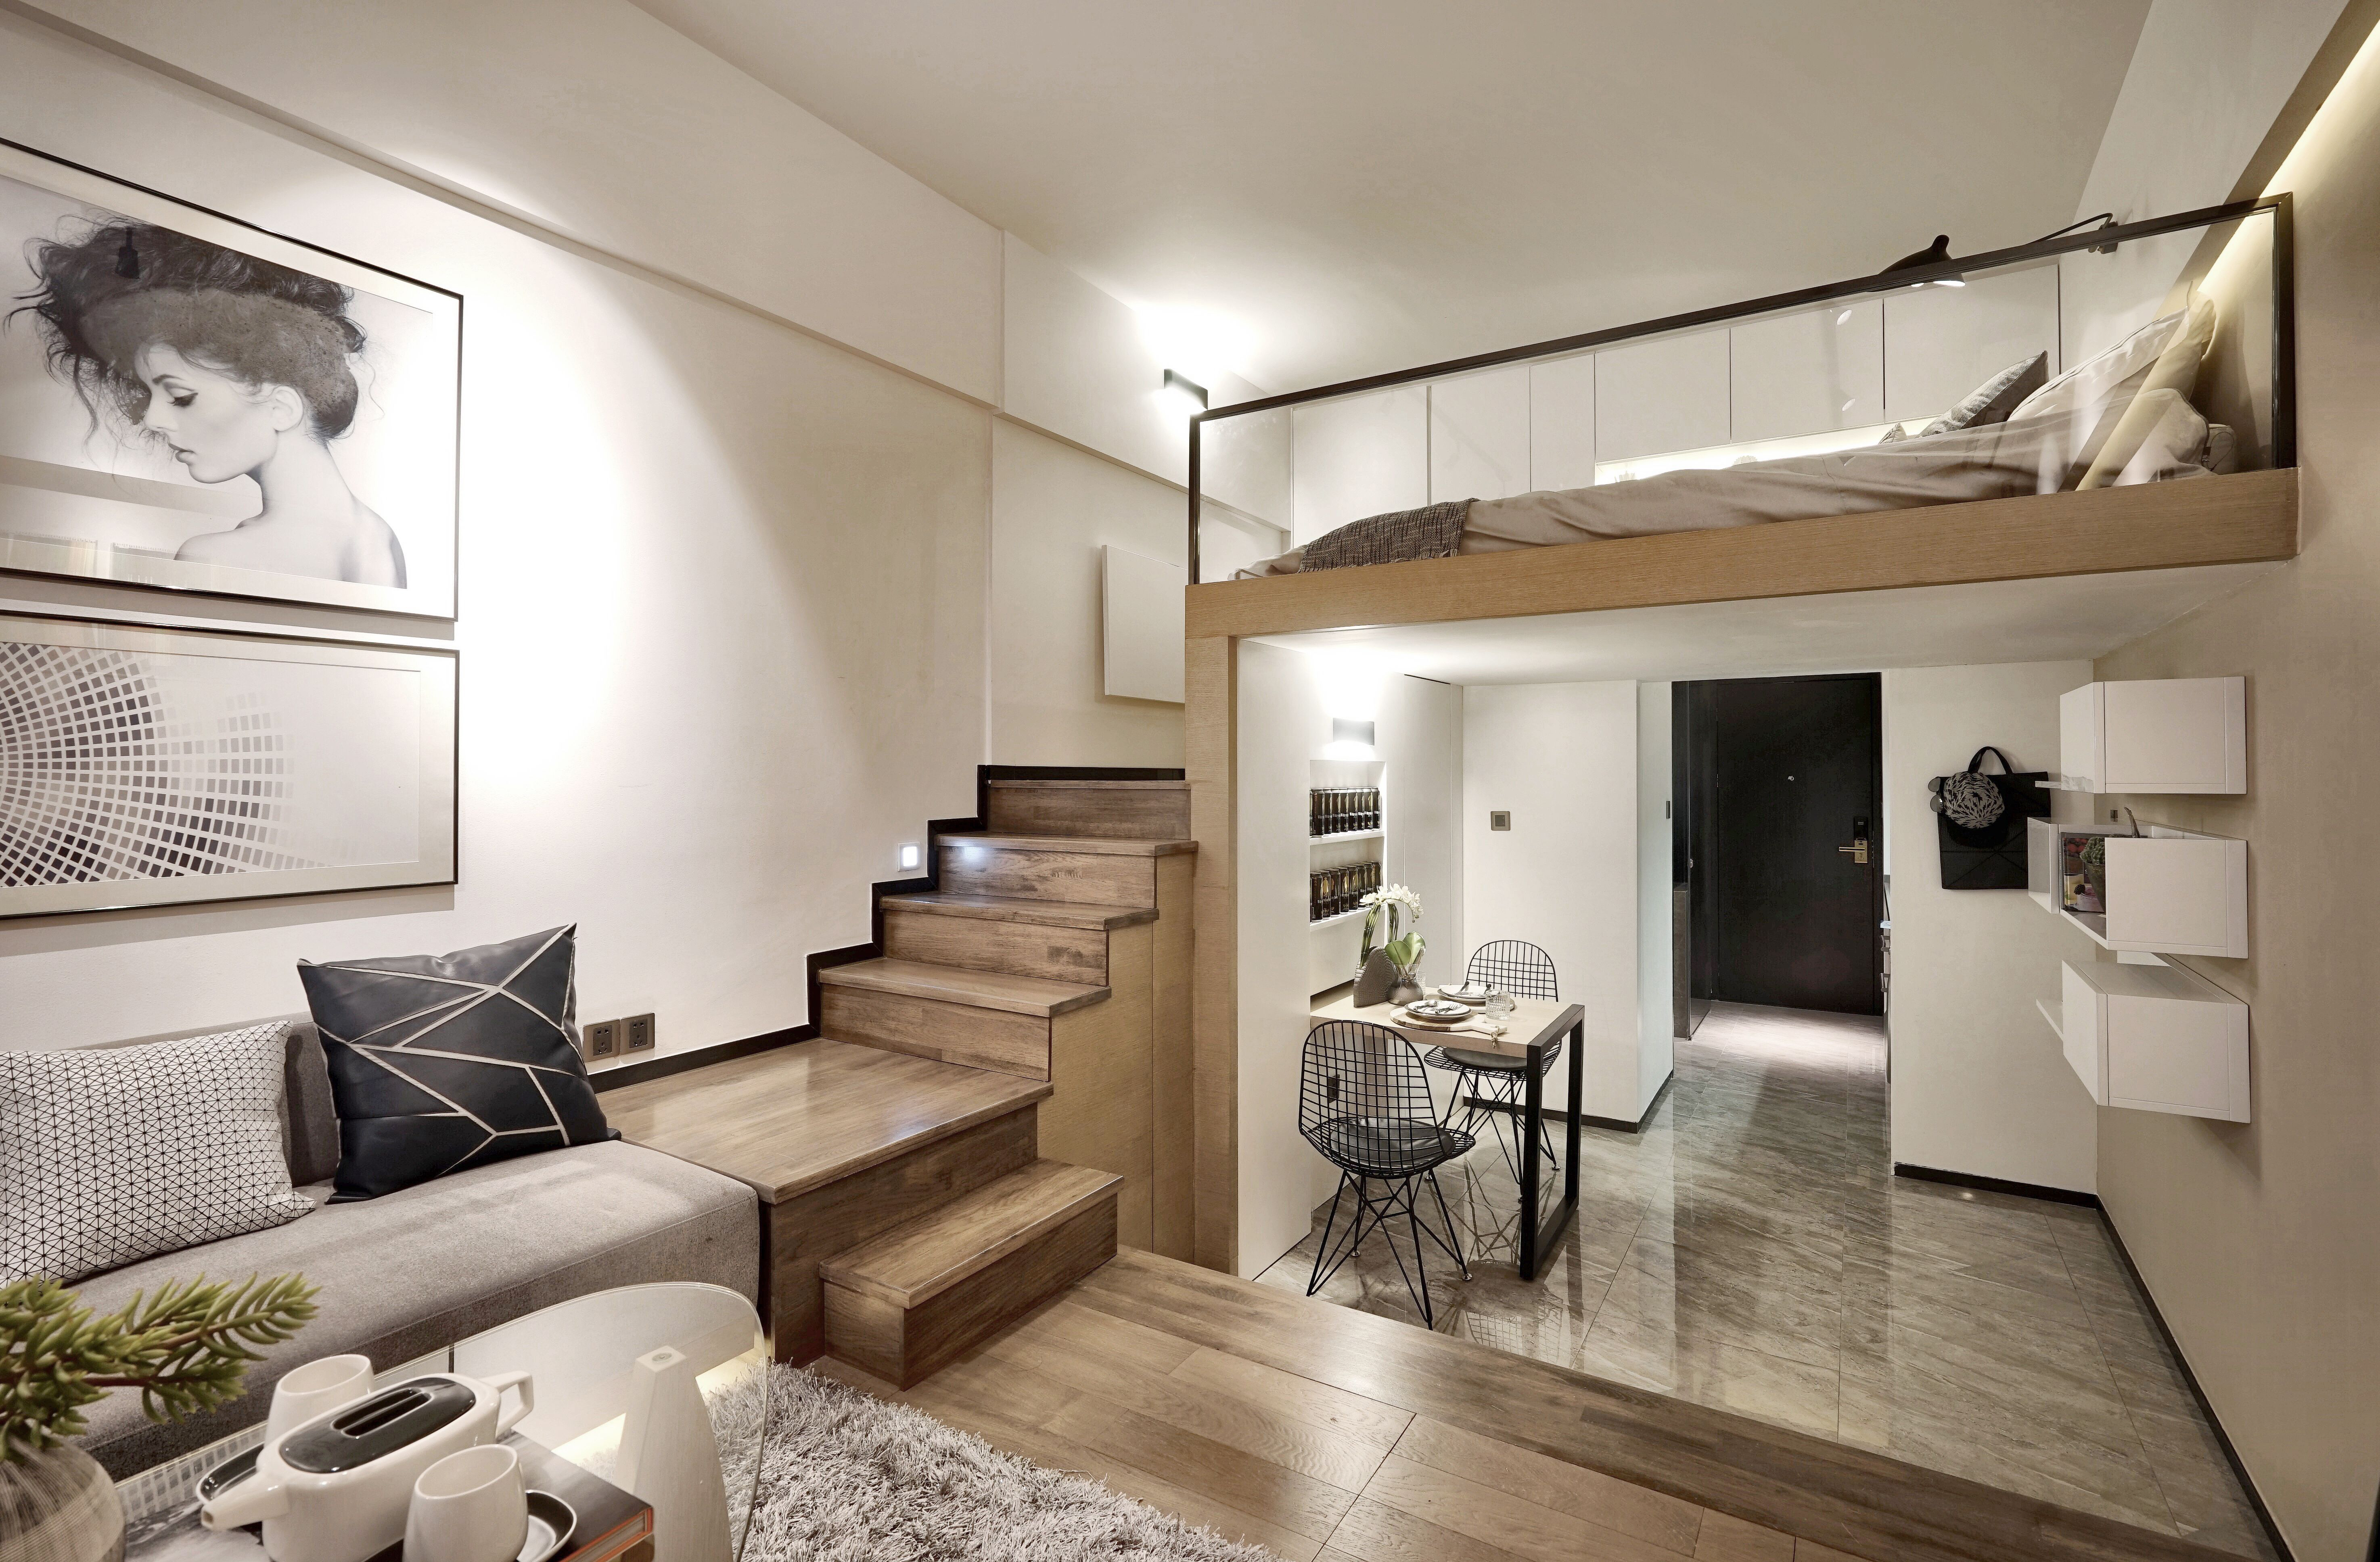 高端定制家装设计室内设计别墅商业样板间精装新房装修整体装修